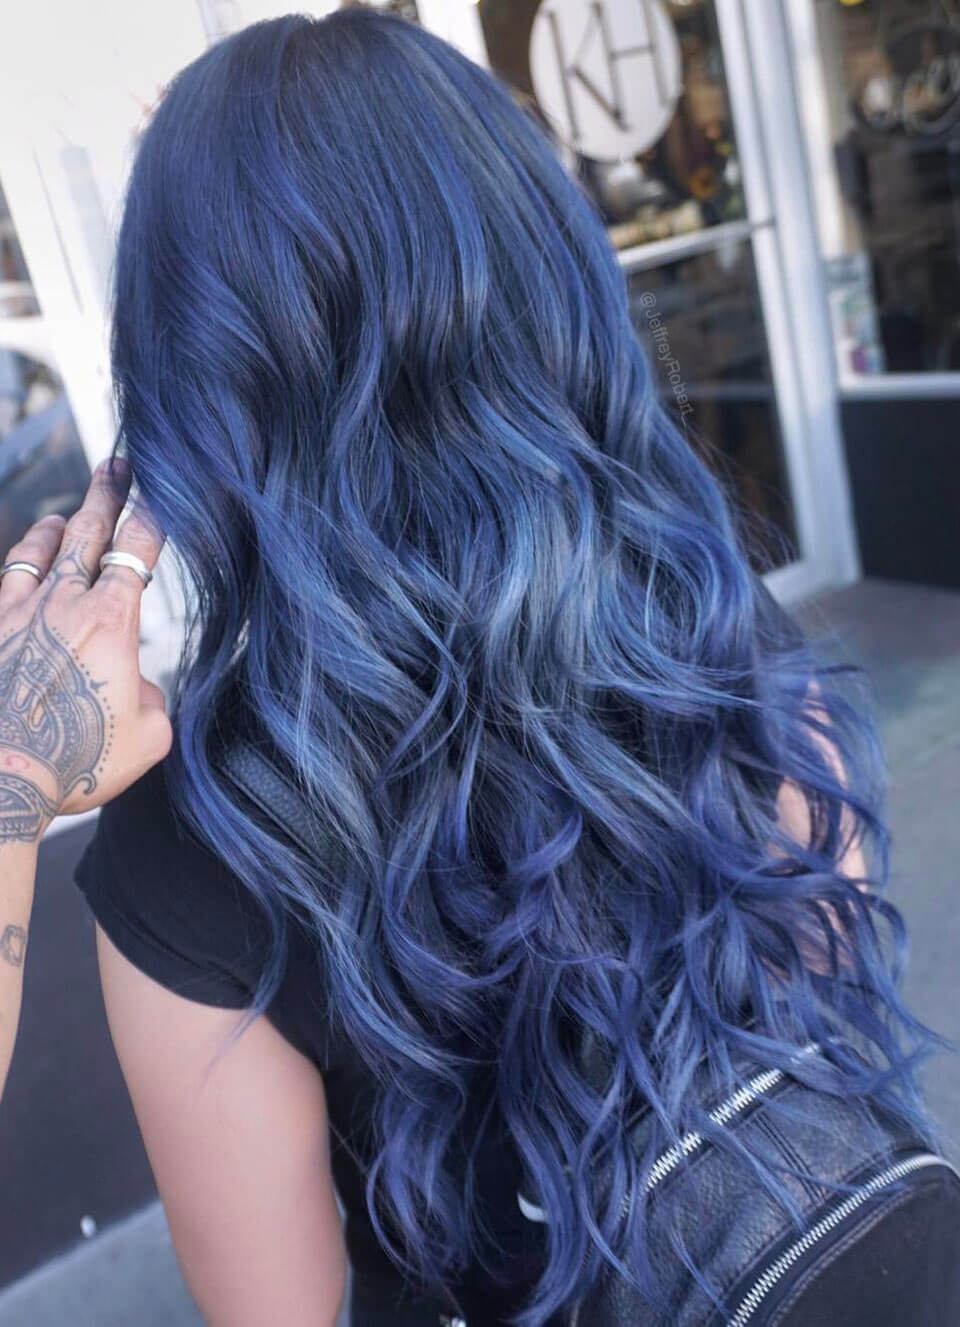 Cabelo azul: cabelos coloridos incríveis